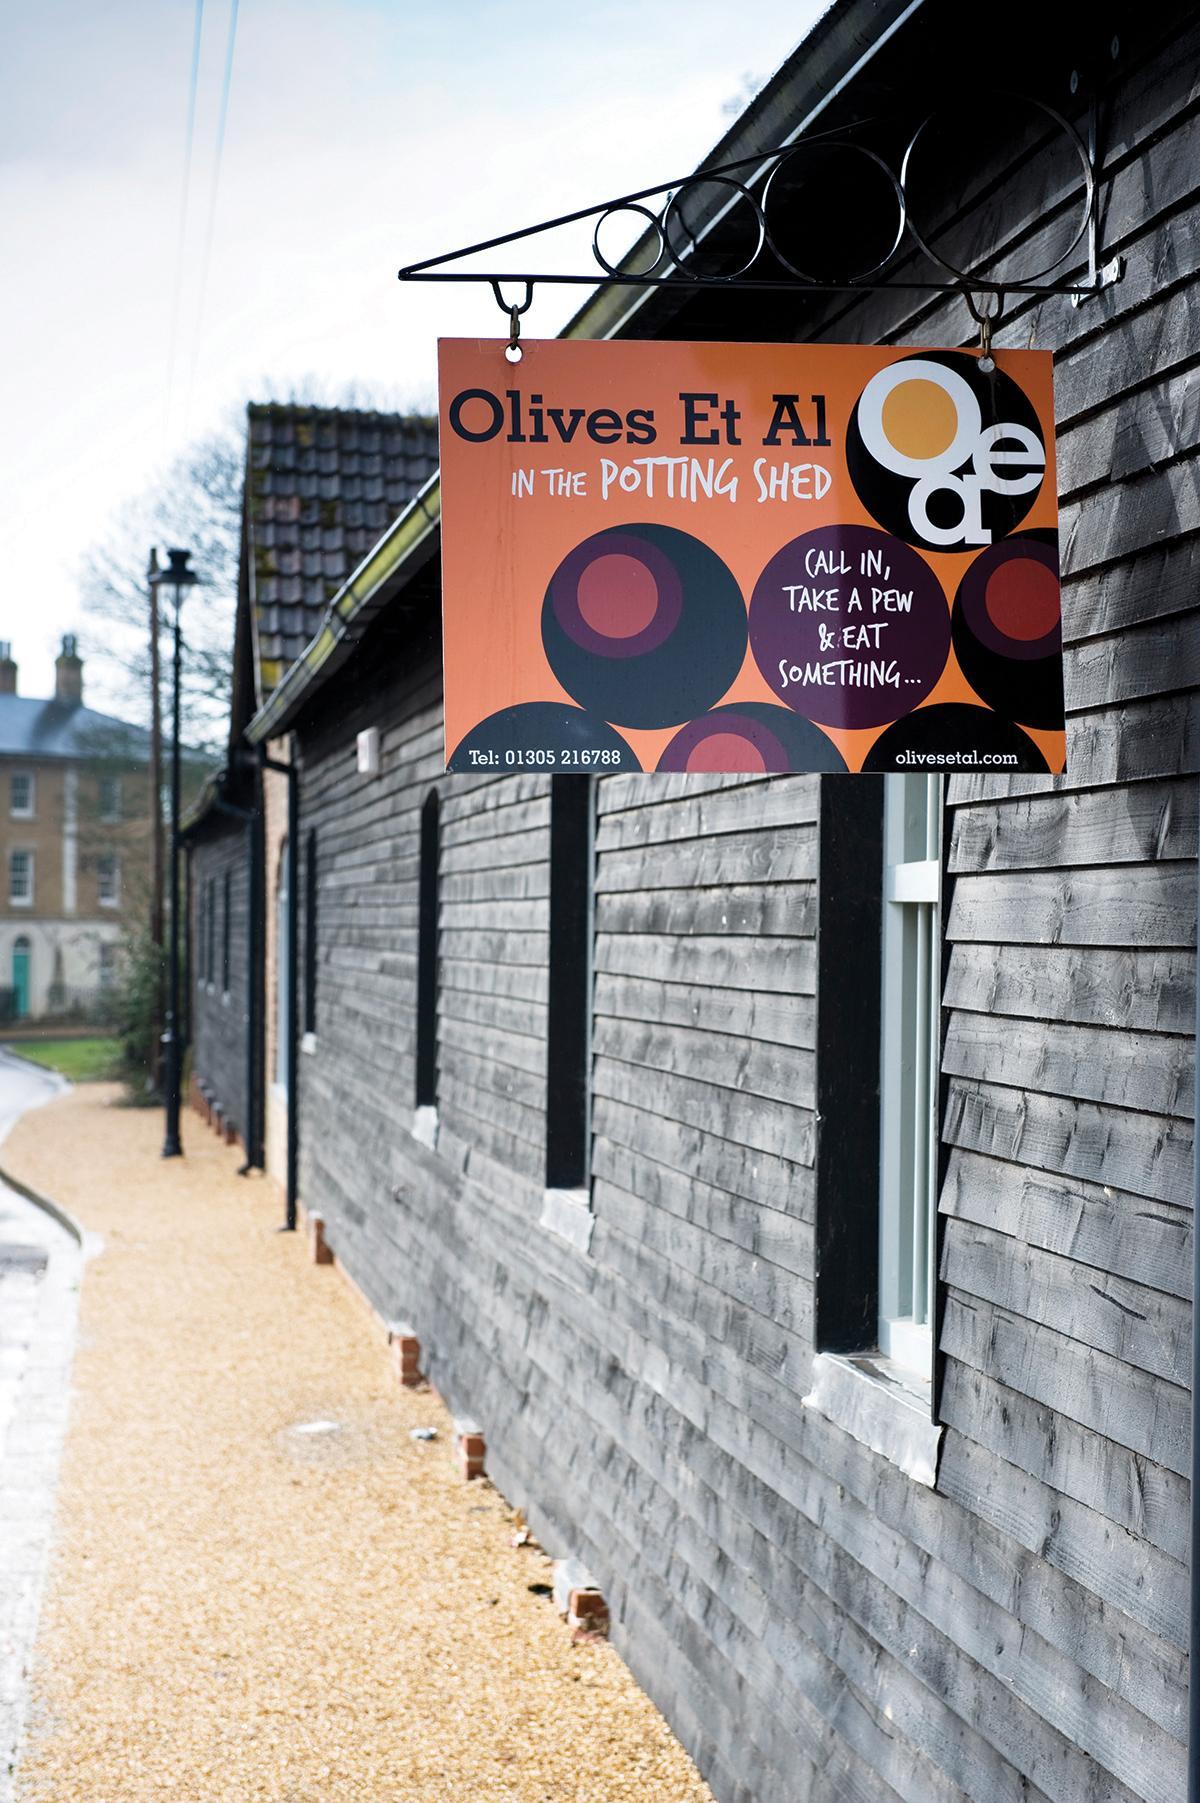 Images from The Potting Shed, Olives Et Al.